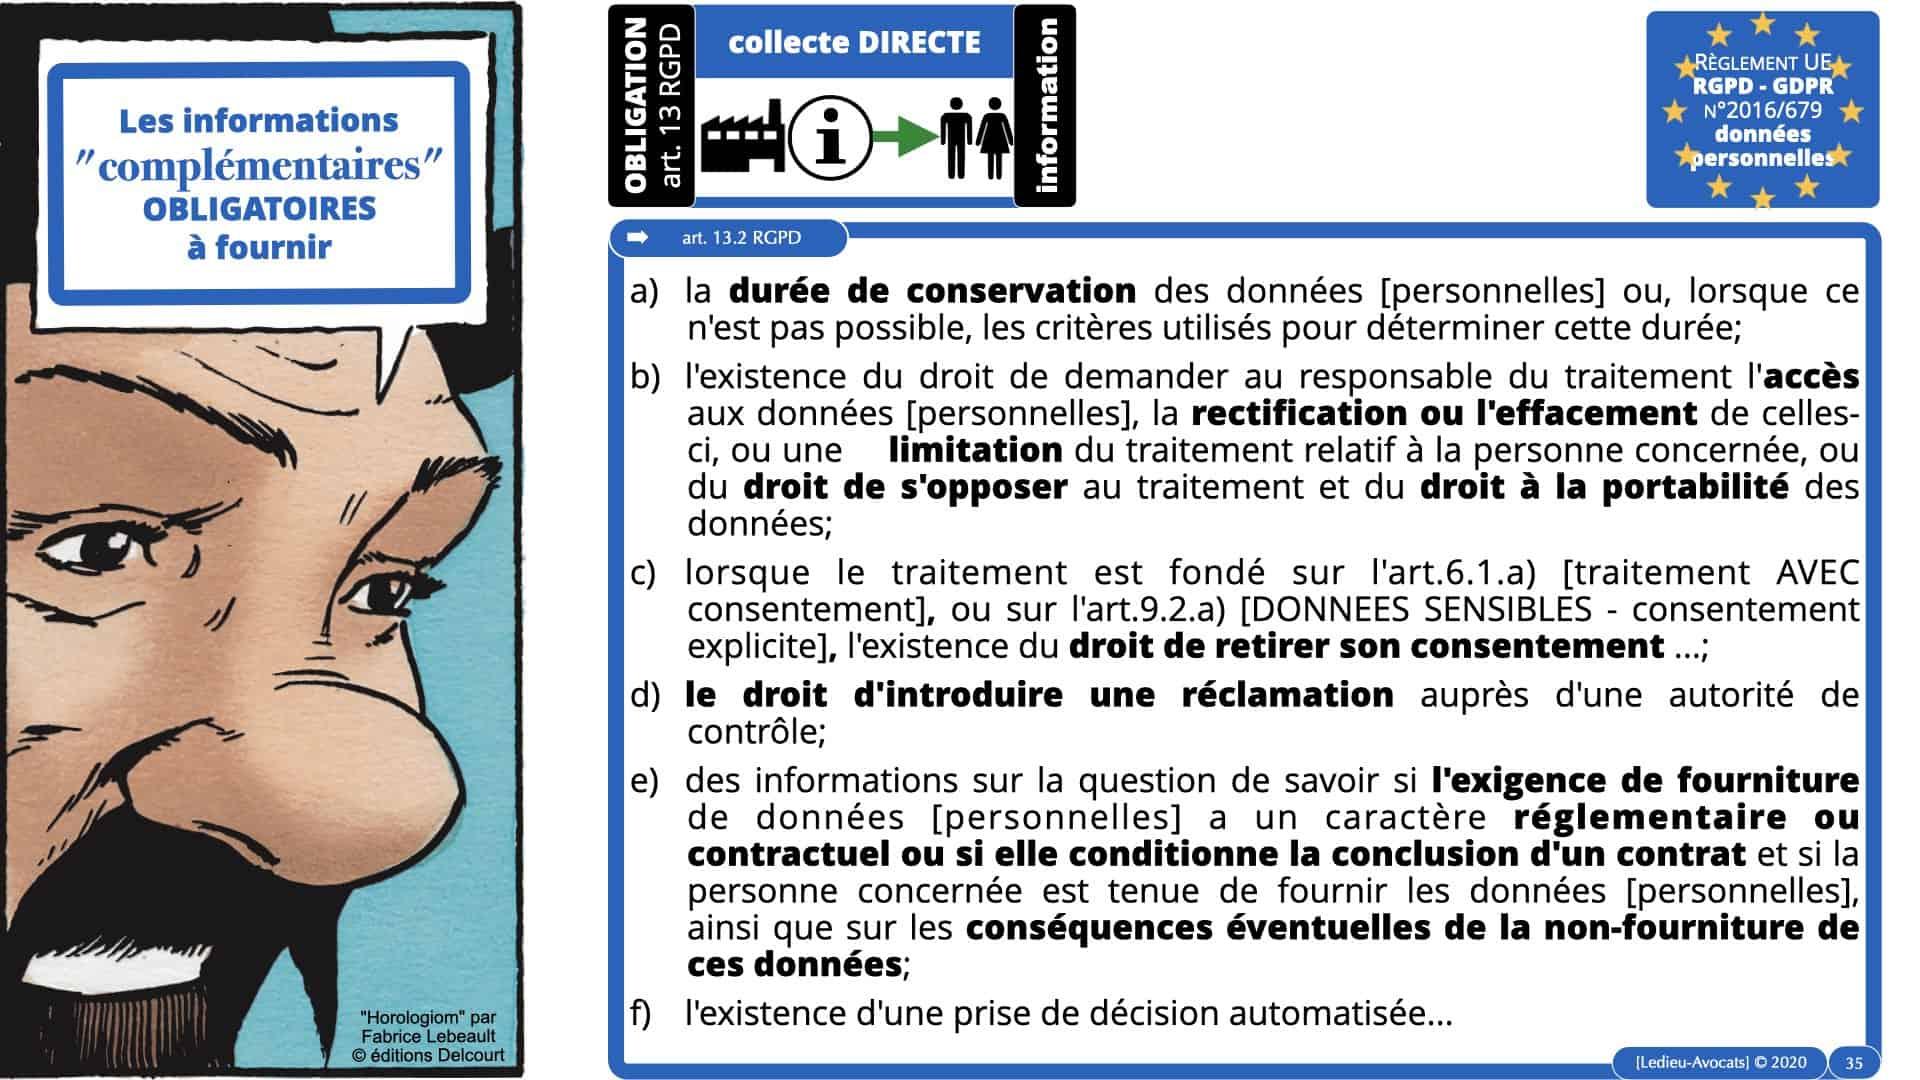 RGPD délibération CNIL Spartoo du 28 juillet 2020 n°SAN 2020-003 *16:9* ©Ledieu-Avocats 19-09-2020.035